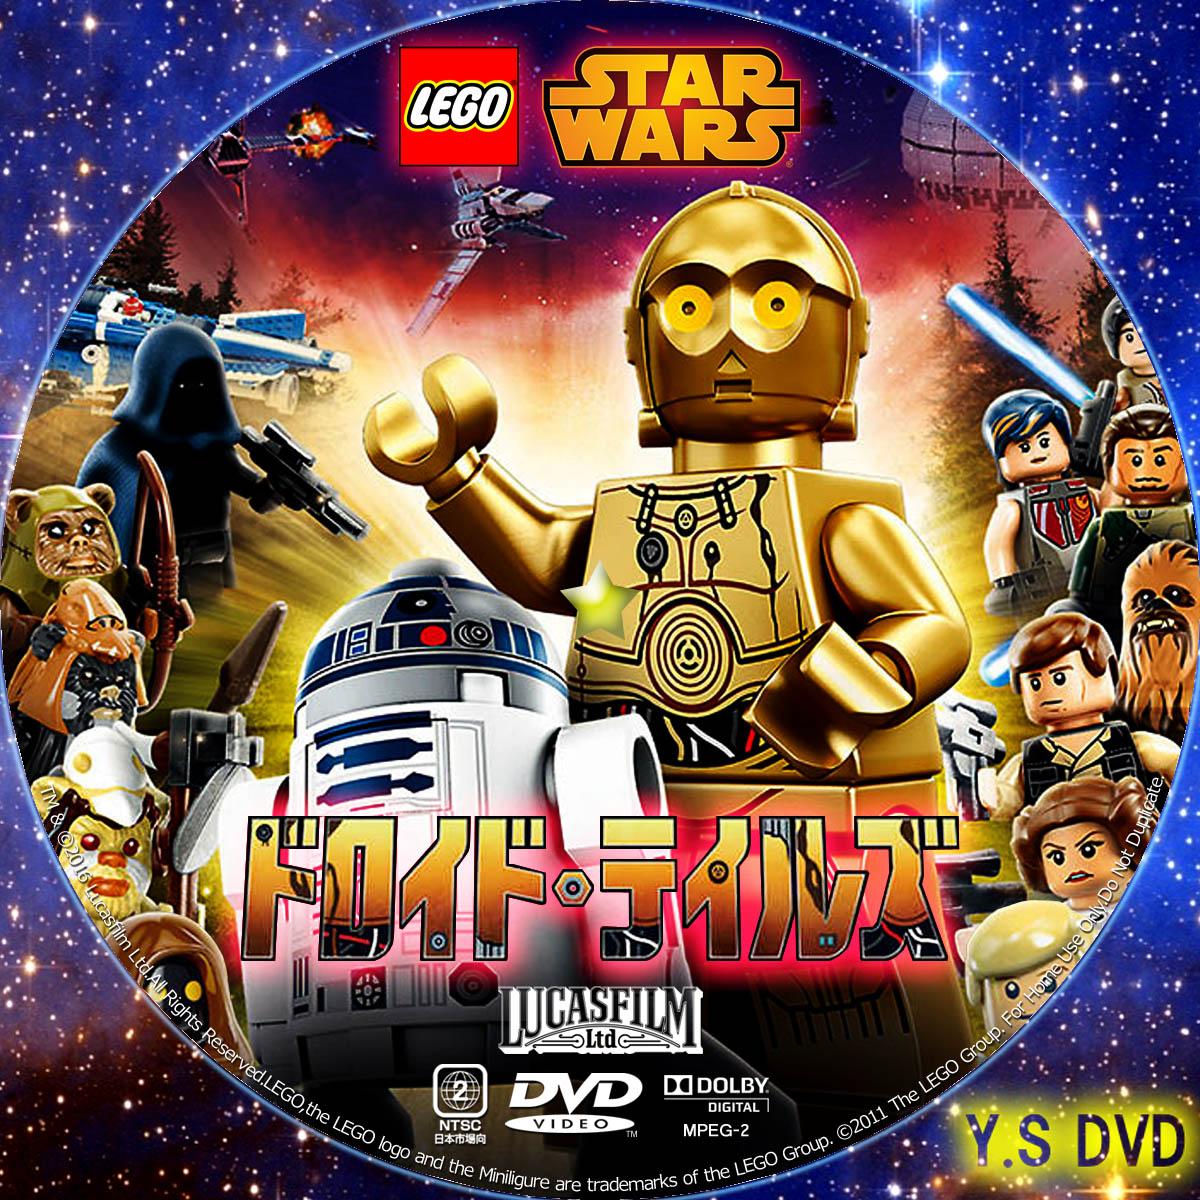 LEGO スター・ウォーズ:ドロイド・テイルズ